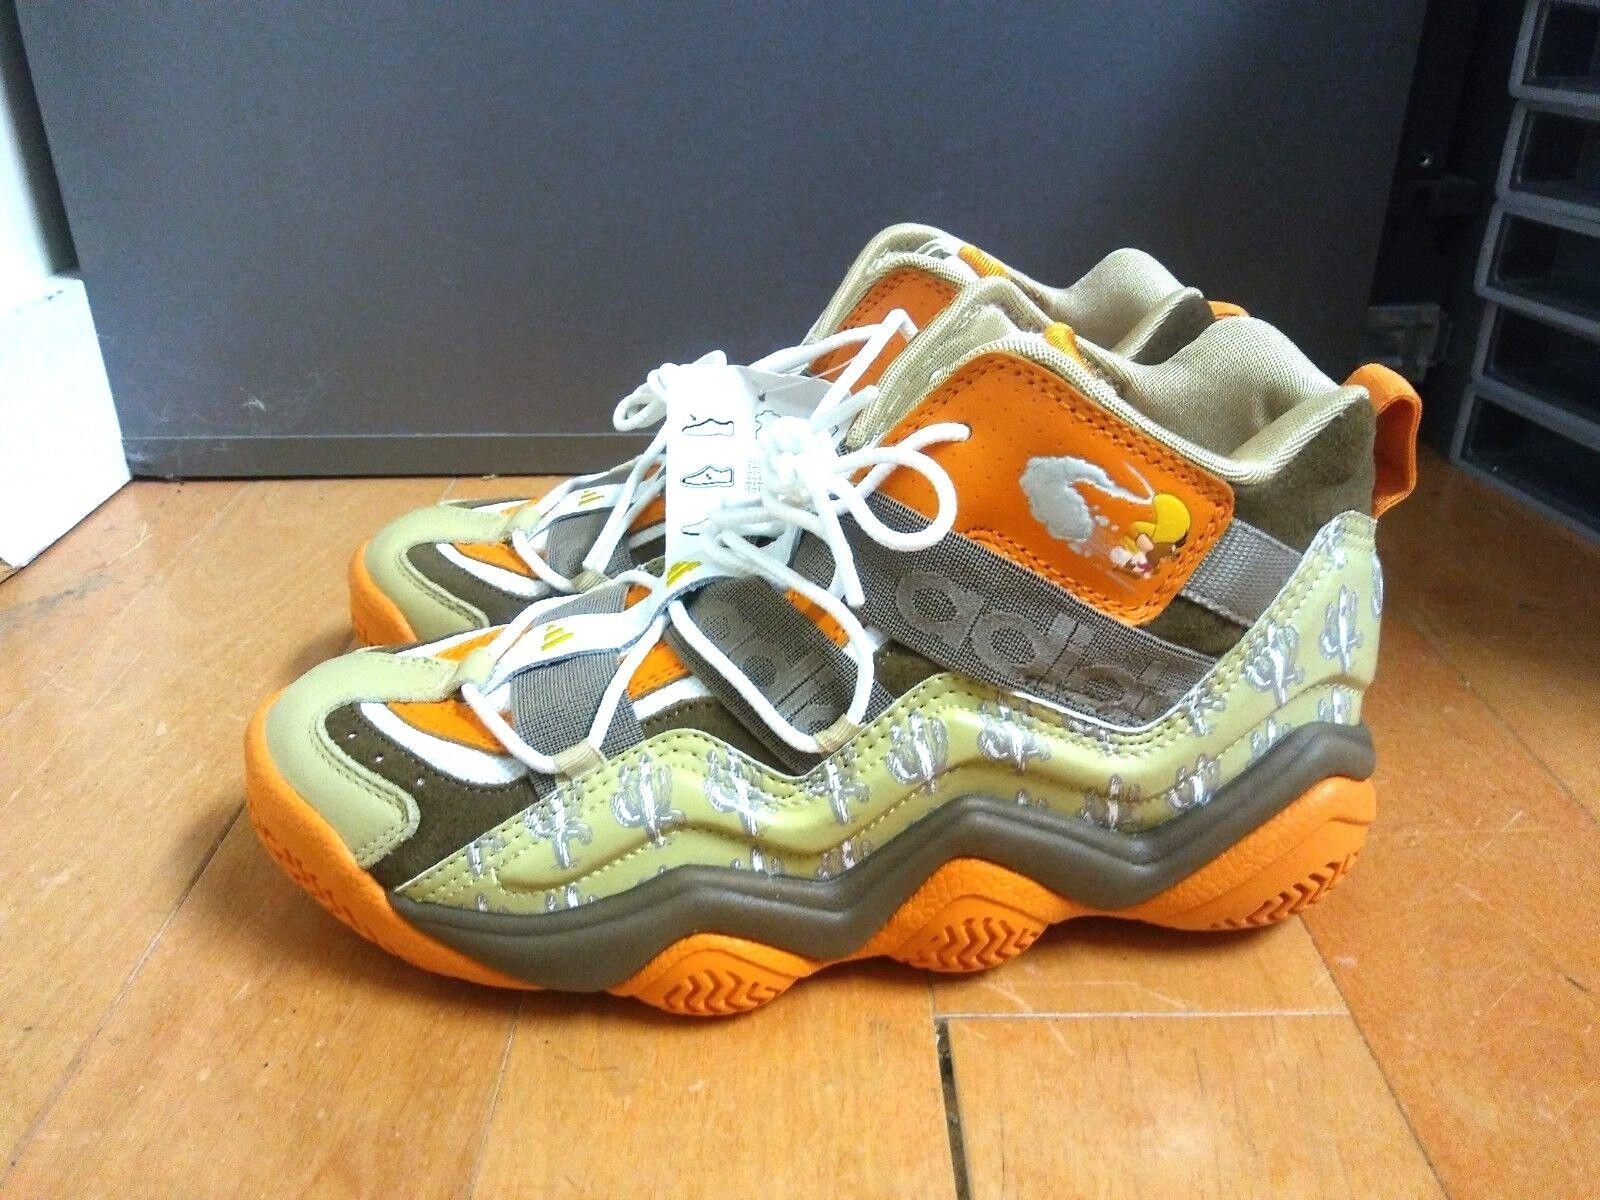 2009' Adidas Top Ten 2000 J Speedy Gonzales Sz 4 Looney